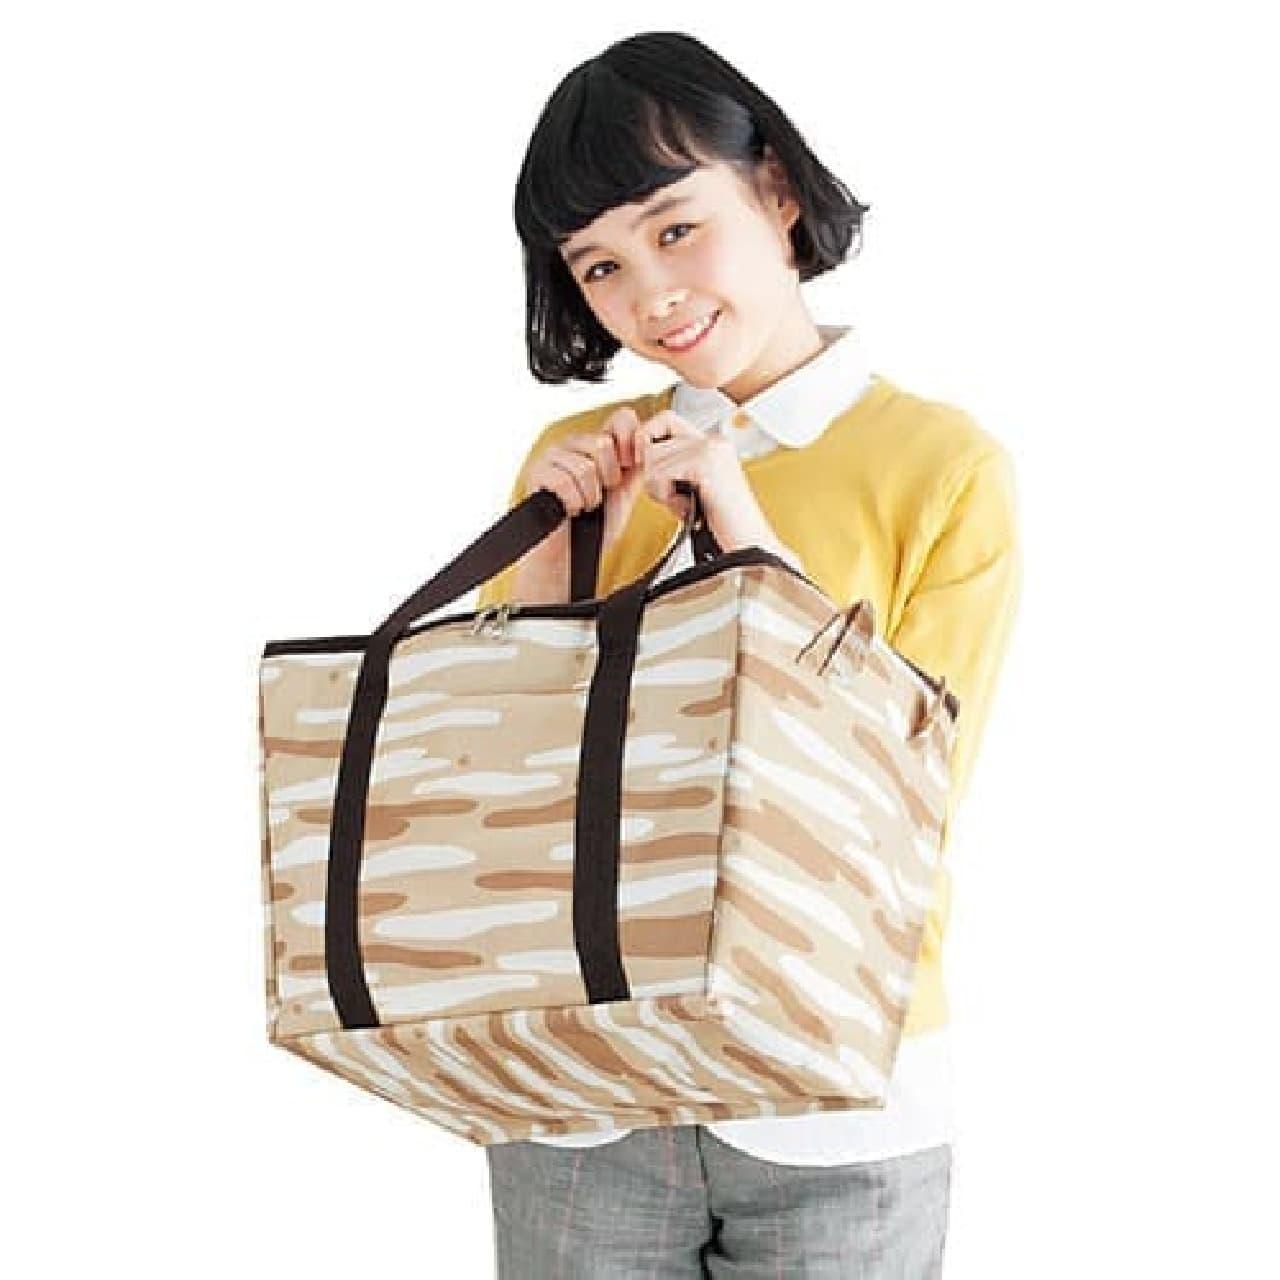 ネコ耳付きのネコ柄保冷機能付きバッグ  スーパーでのお買い物を、ネコが運ぶ(?)